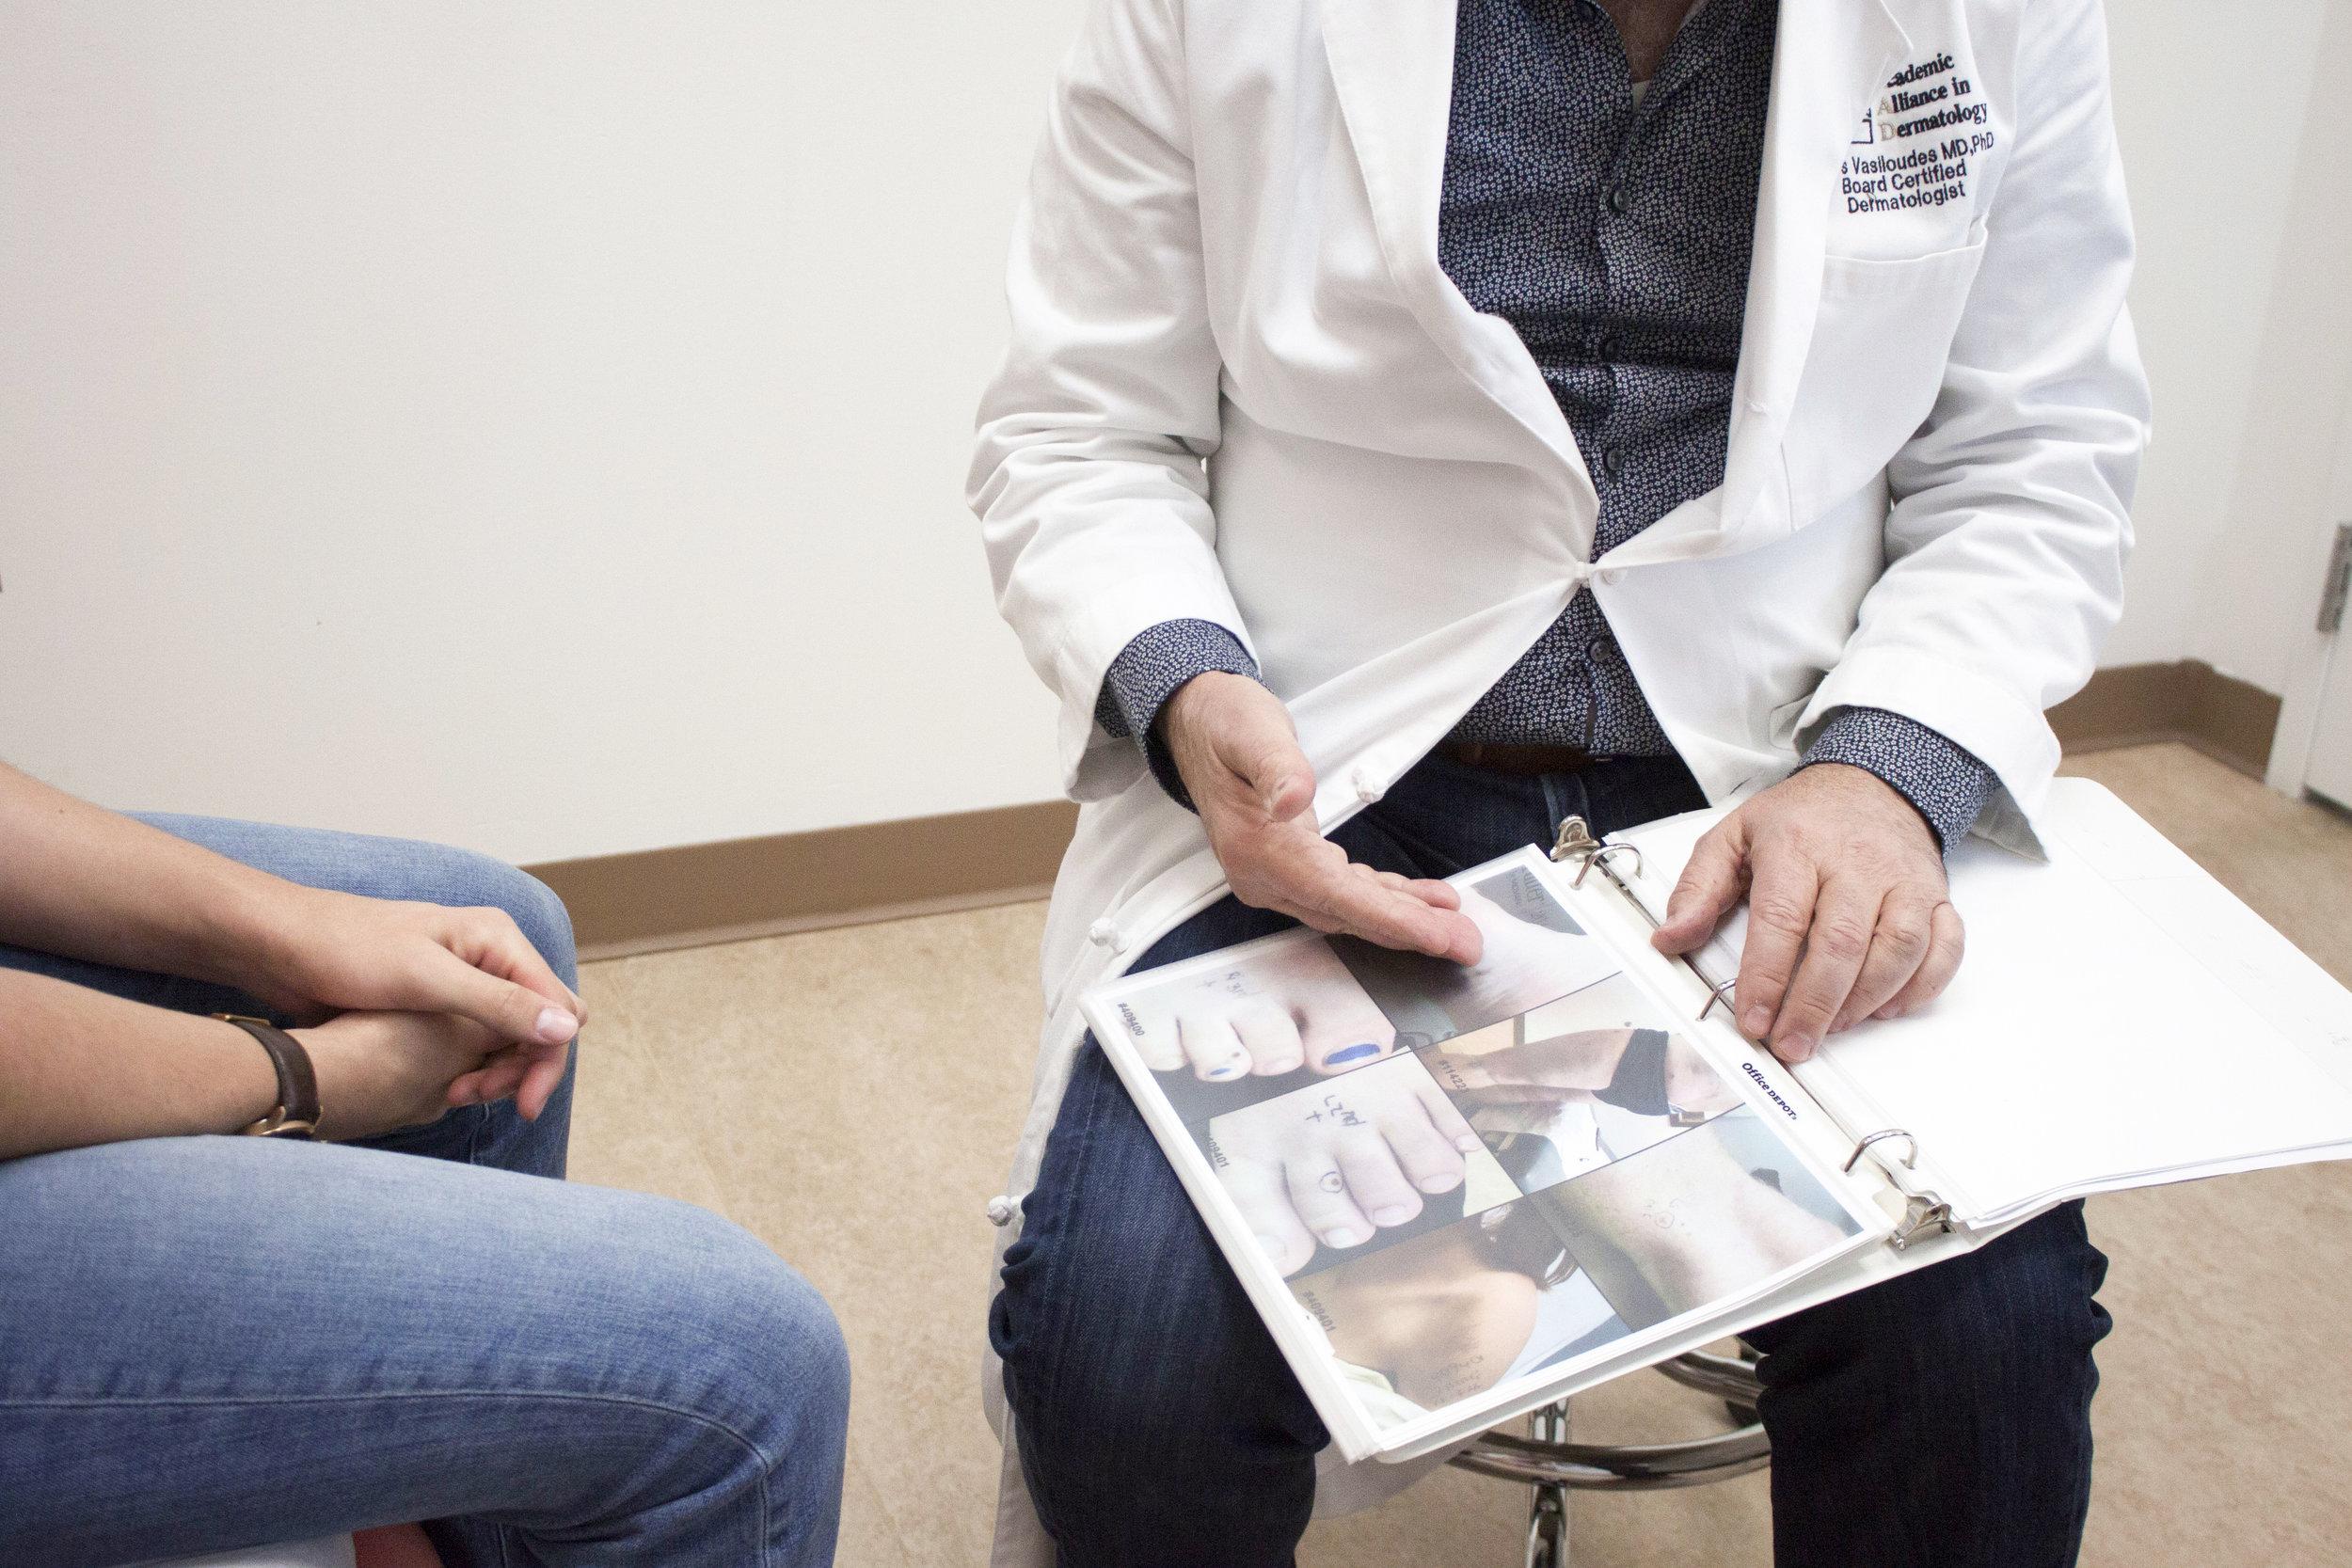 melanoma, malignant melanoma, melanoma awareness event, tampa dermatology, tampa dermatologist, dermatology in tampa, academic alliance in dermatology